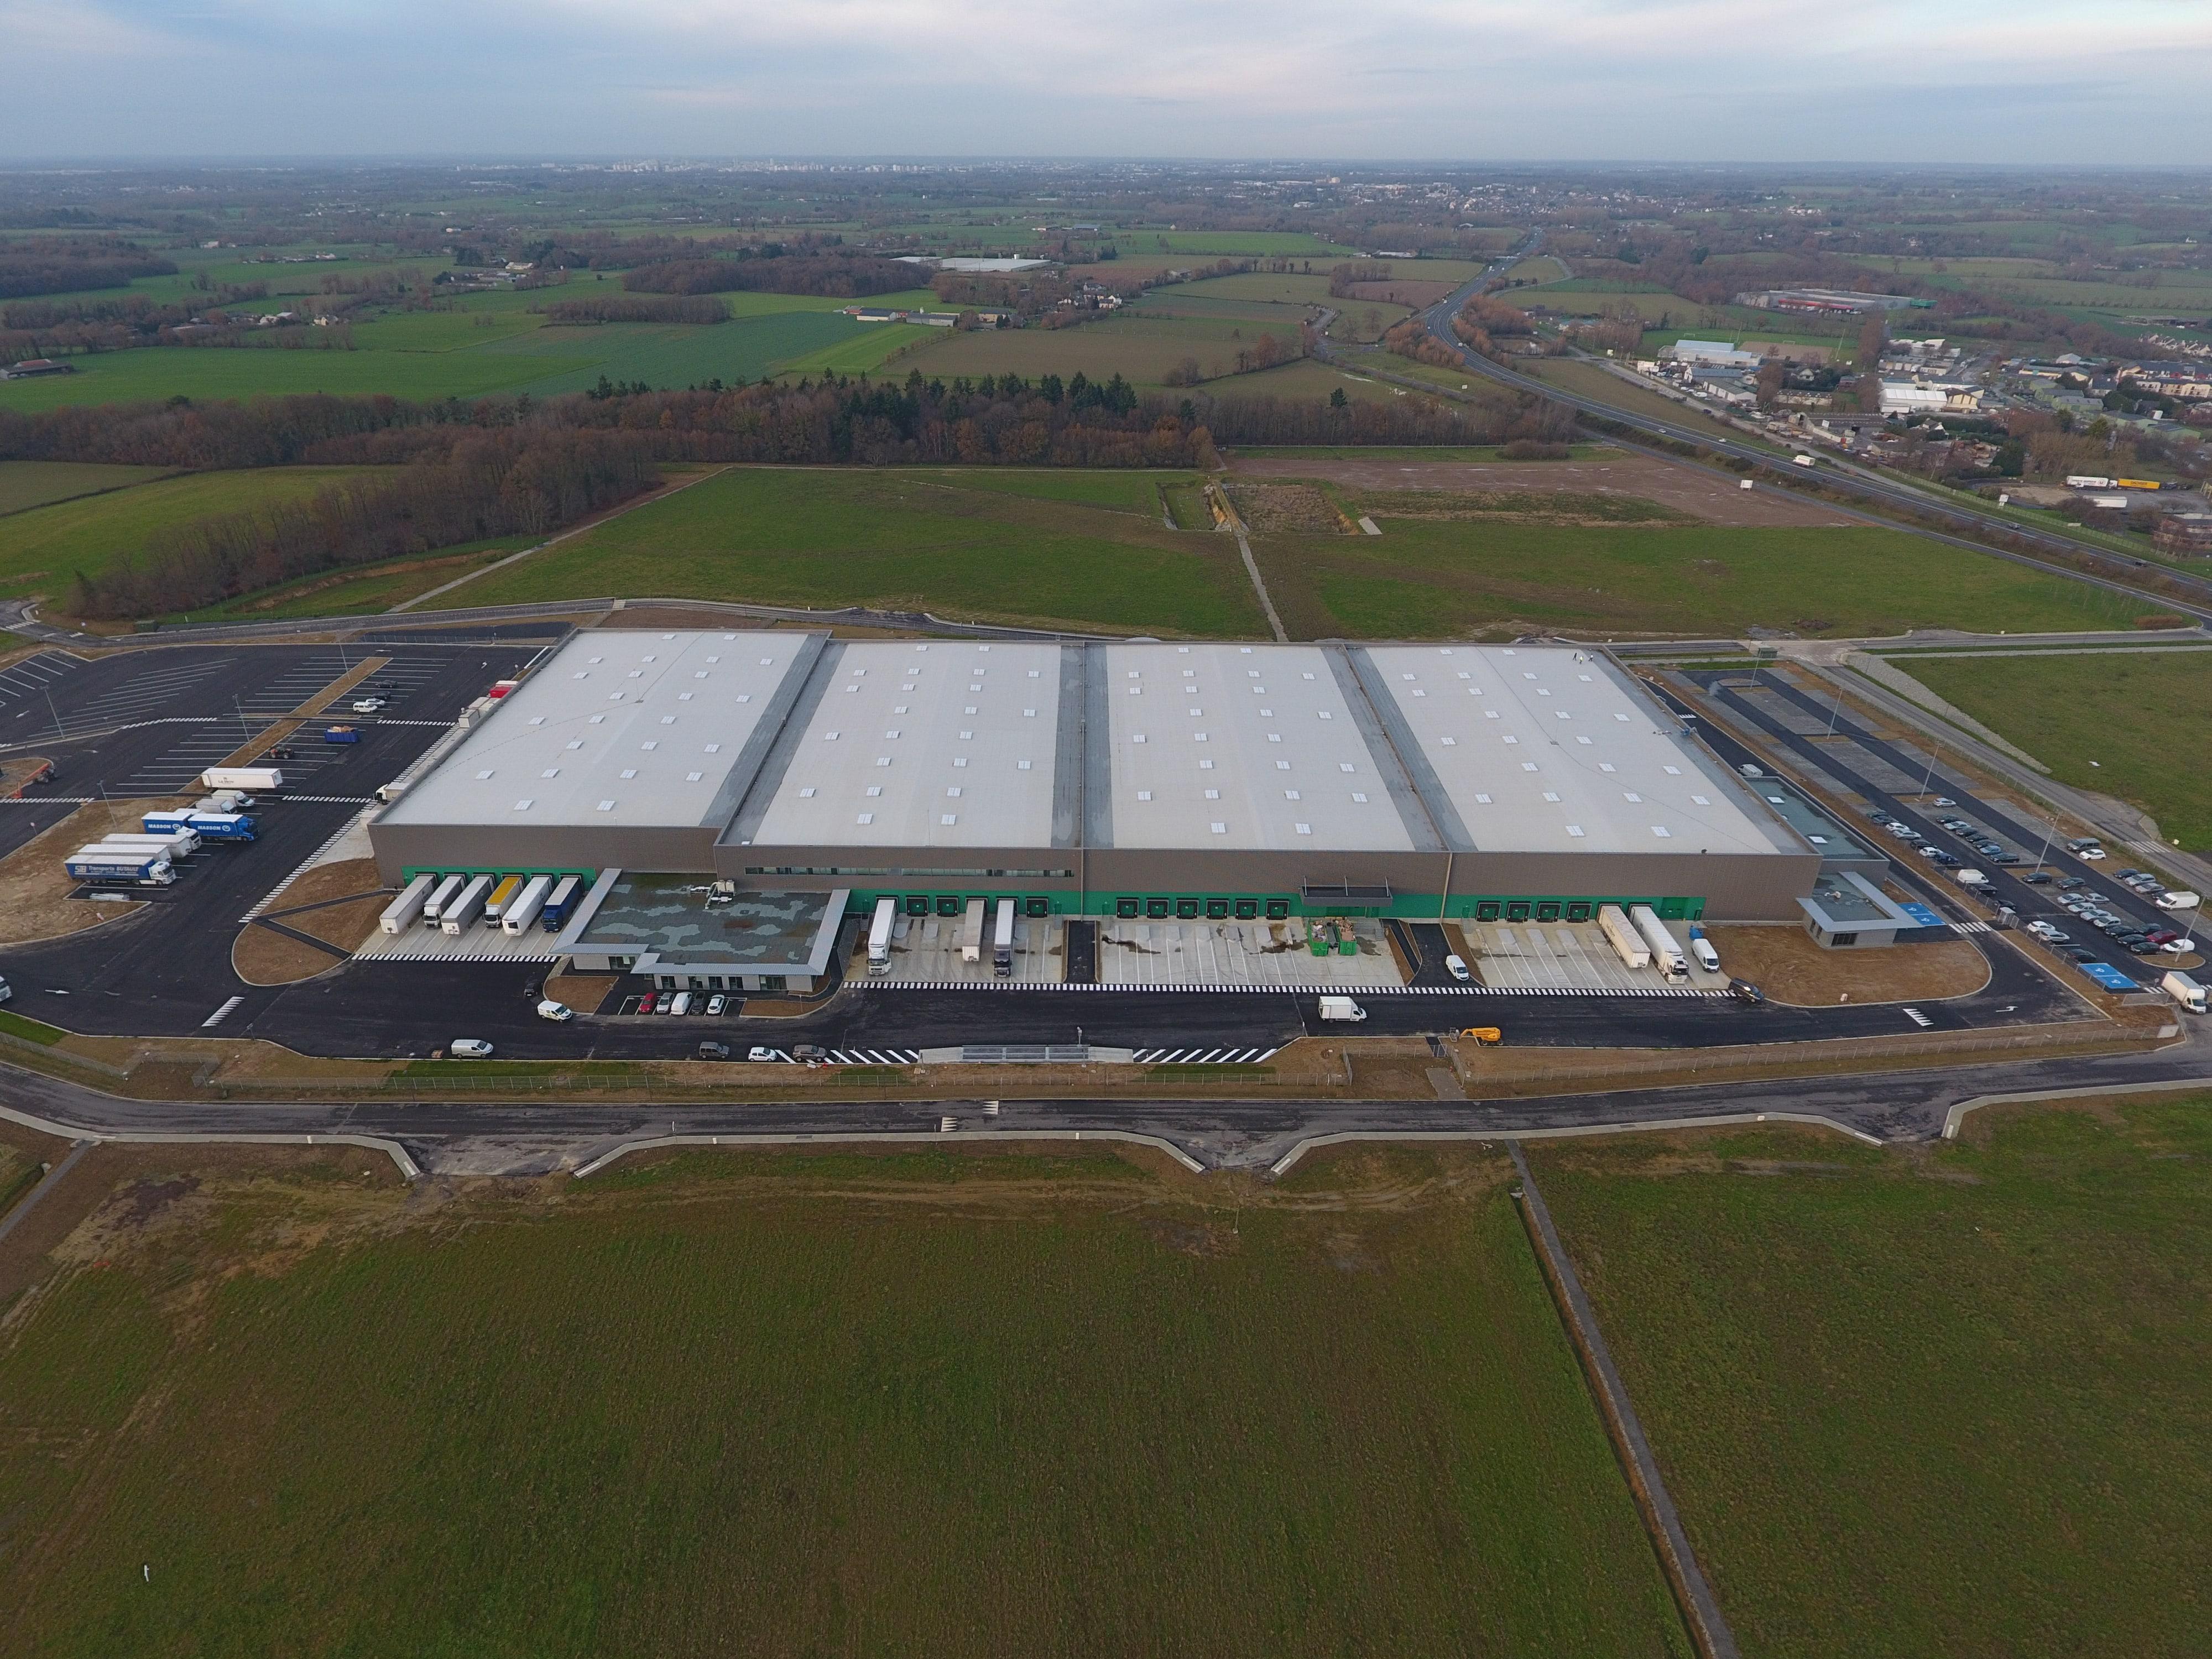 Fabr fourn industrielles transports 101 120 - Le roy logistique ...